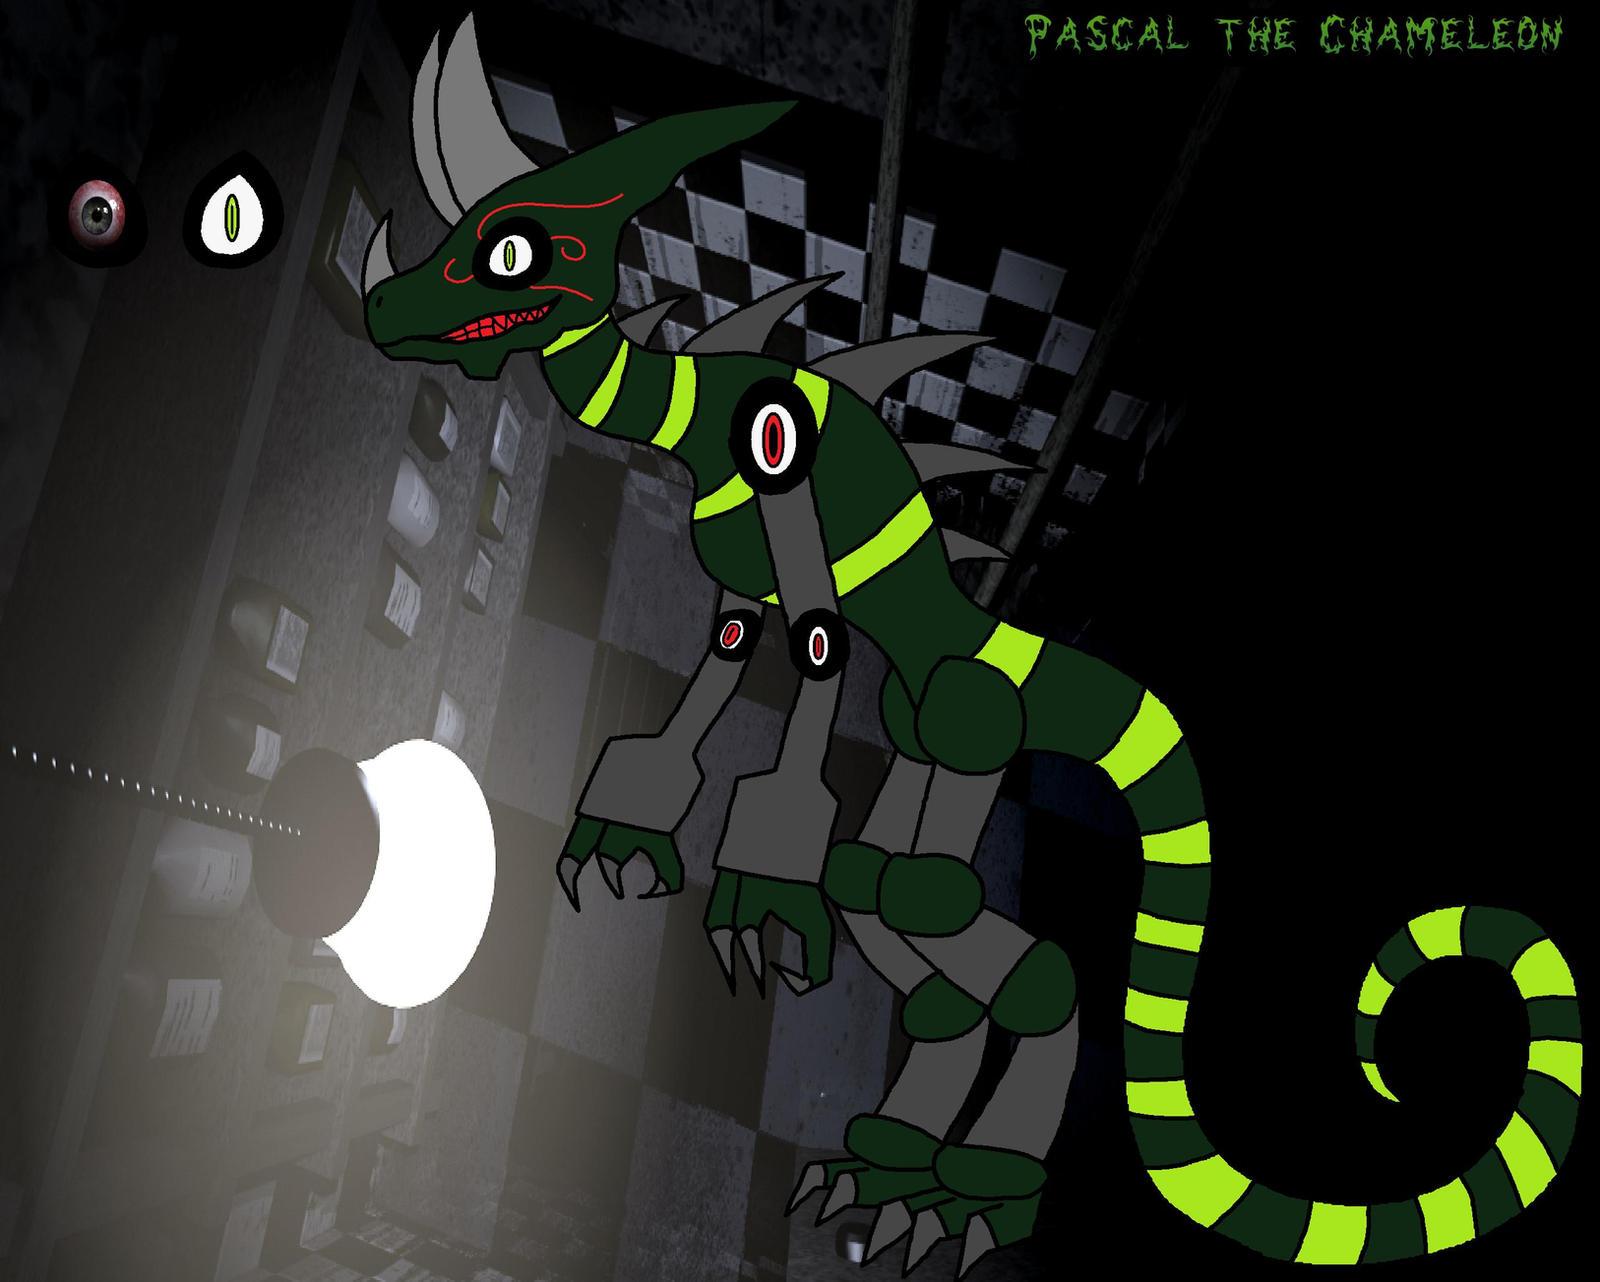 FNAF OC: Pascal the Chameleon by ScarletSpike on DeviantArt